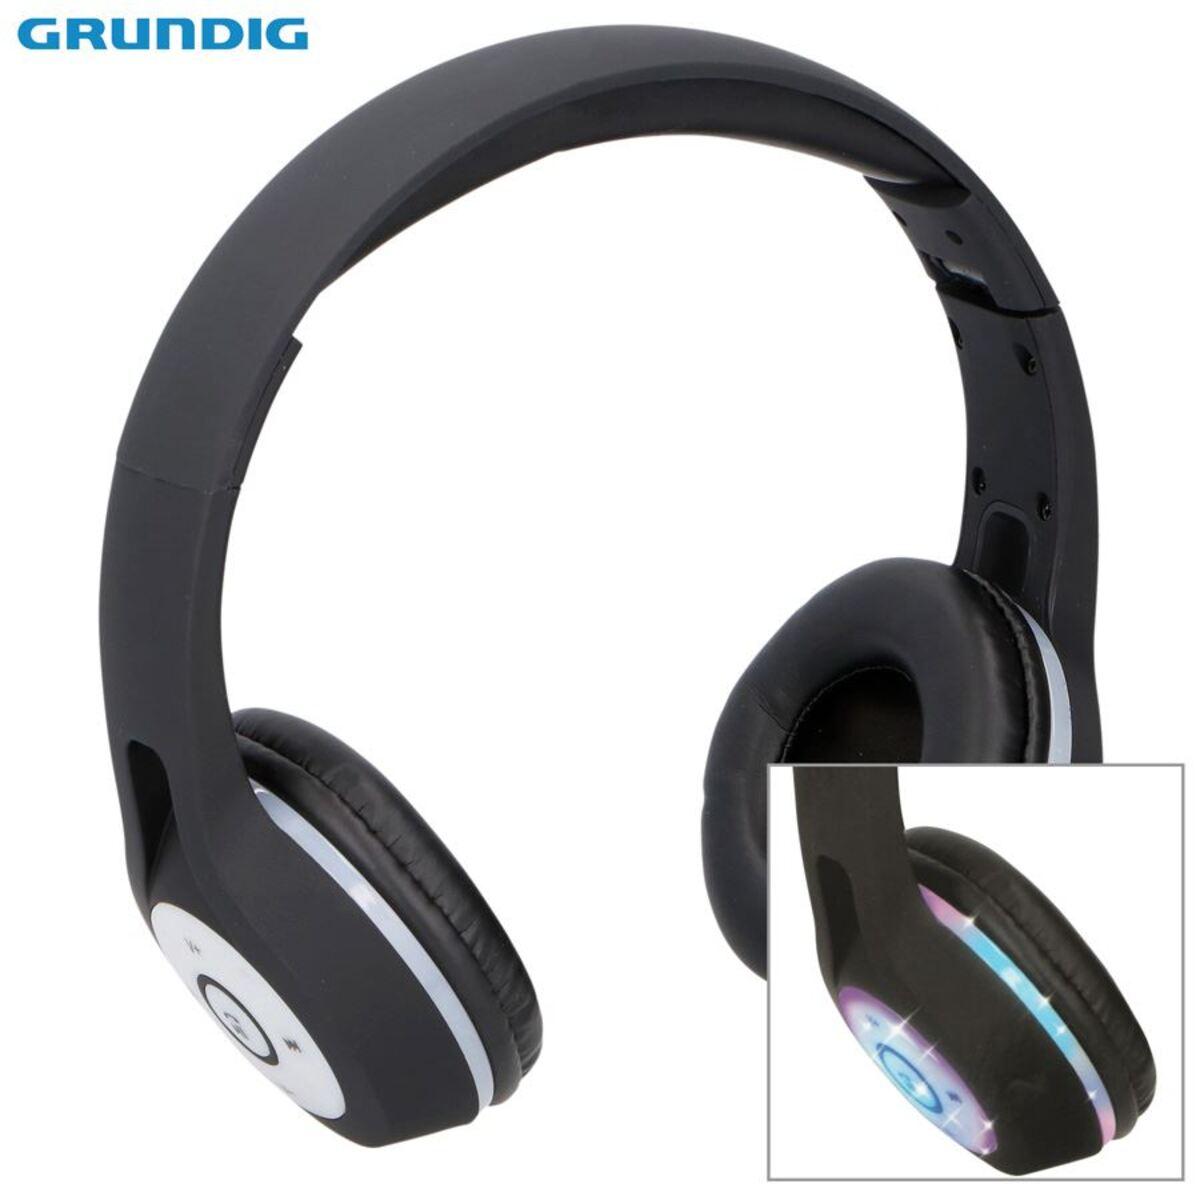 Bild 1 von Grundig Bluetooth-Stereo-Kopfhörer mit LED-Diskolicht